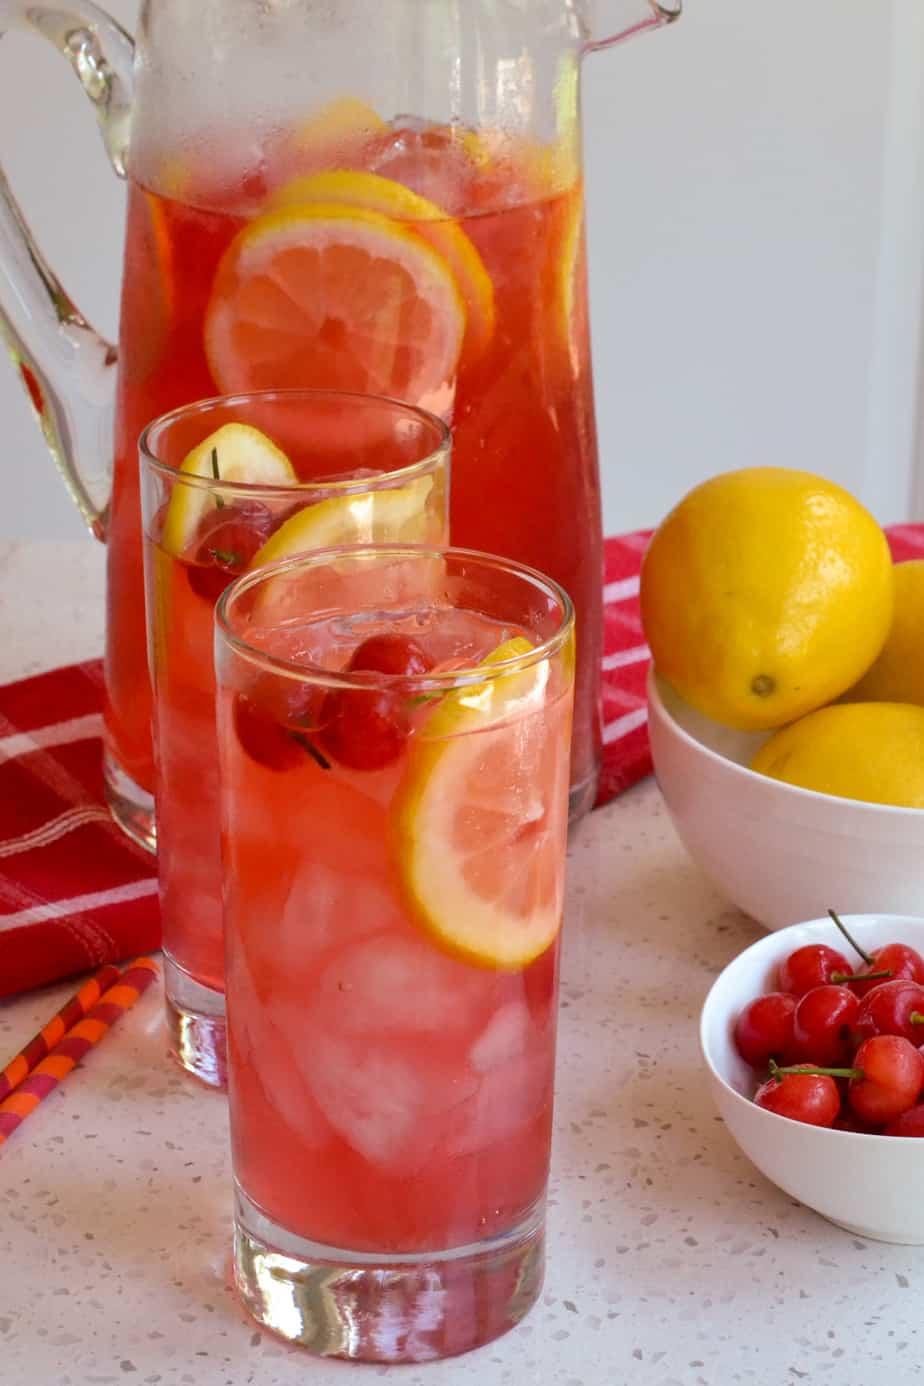 Refreshing cherry lemonade garnished with fresh cherries and lemon slices.